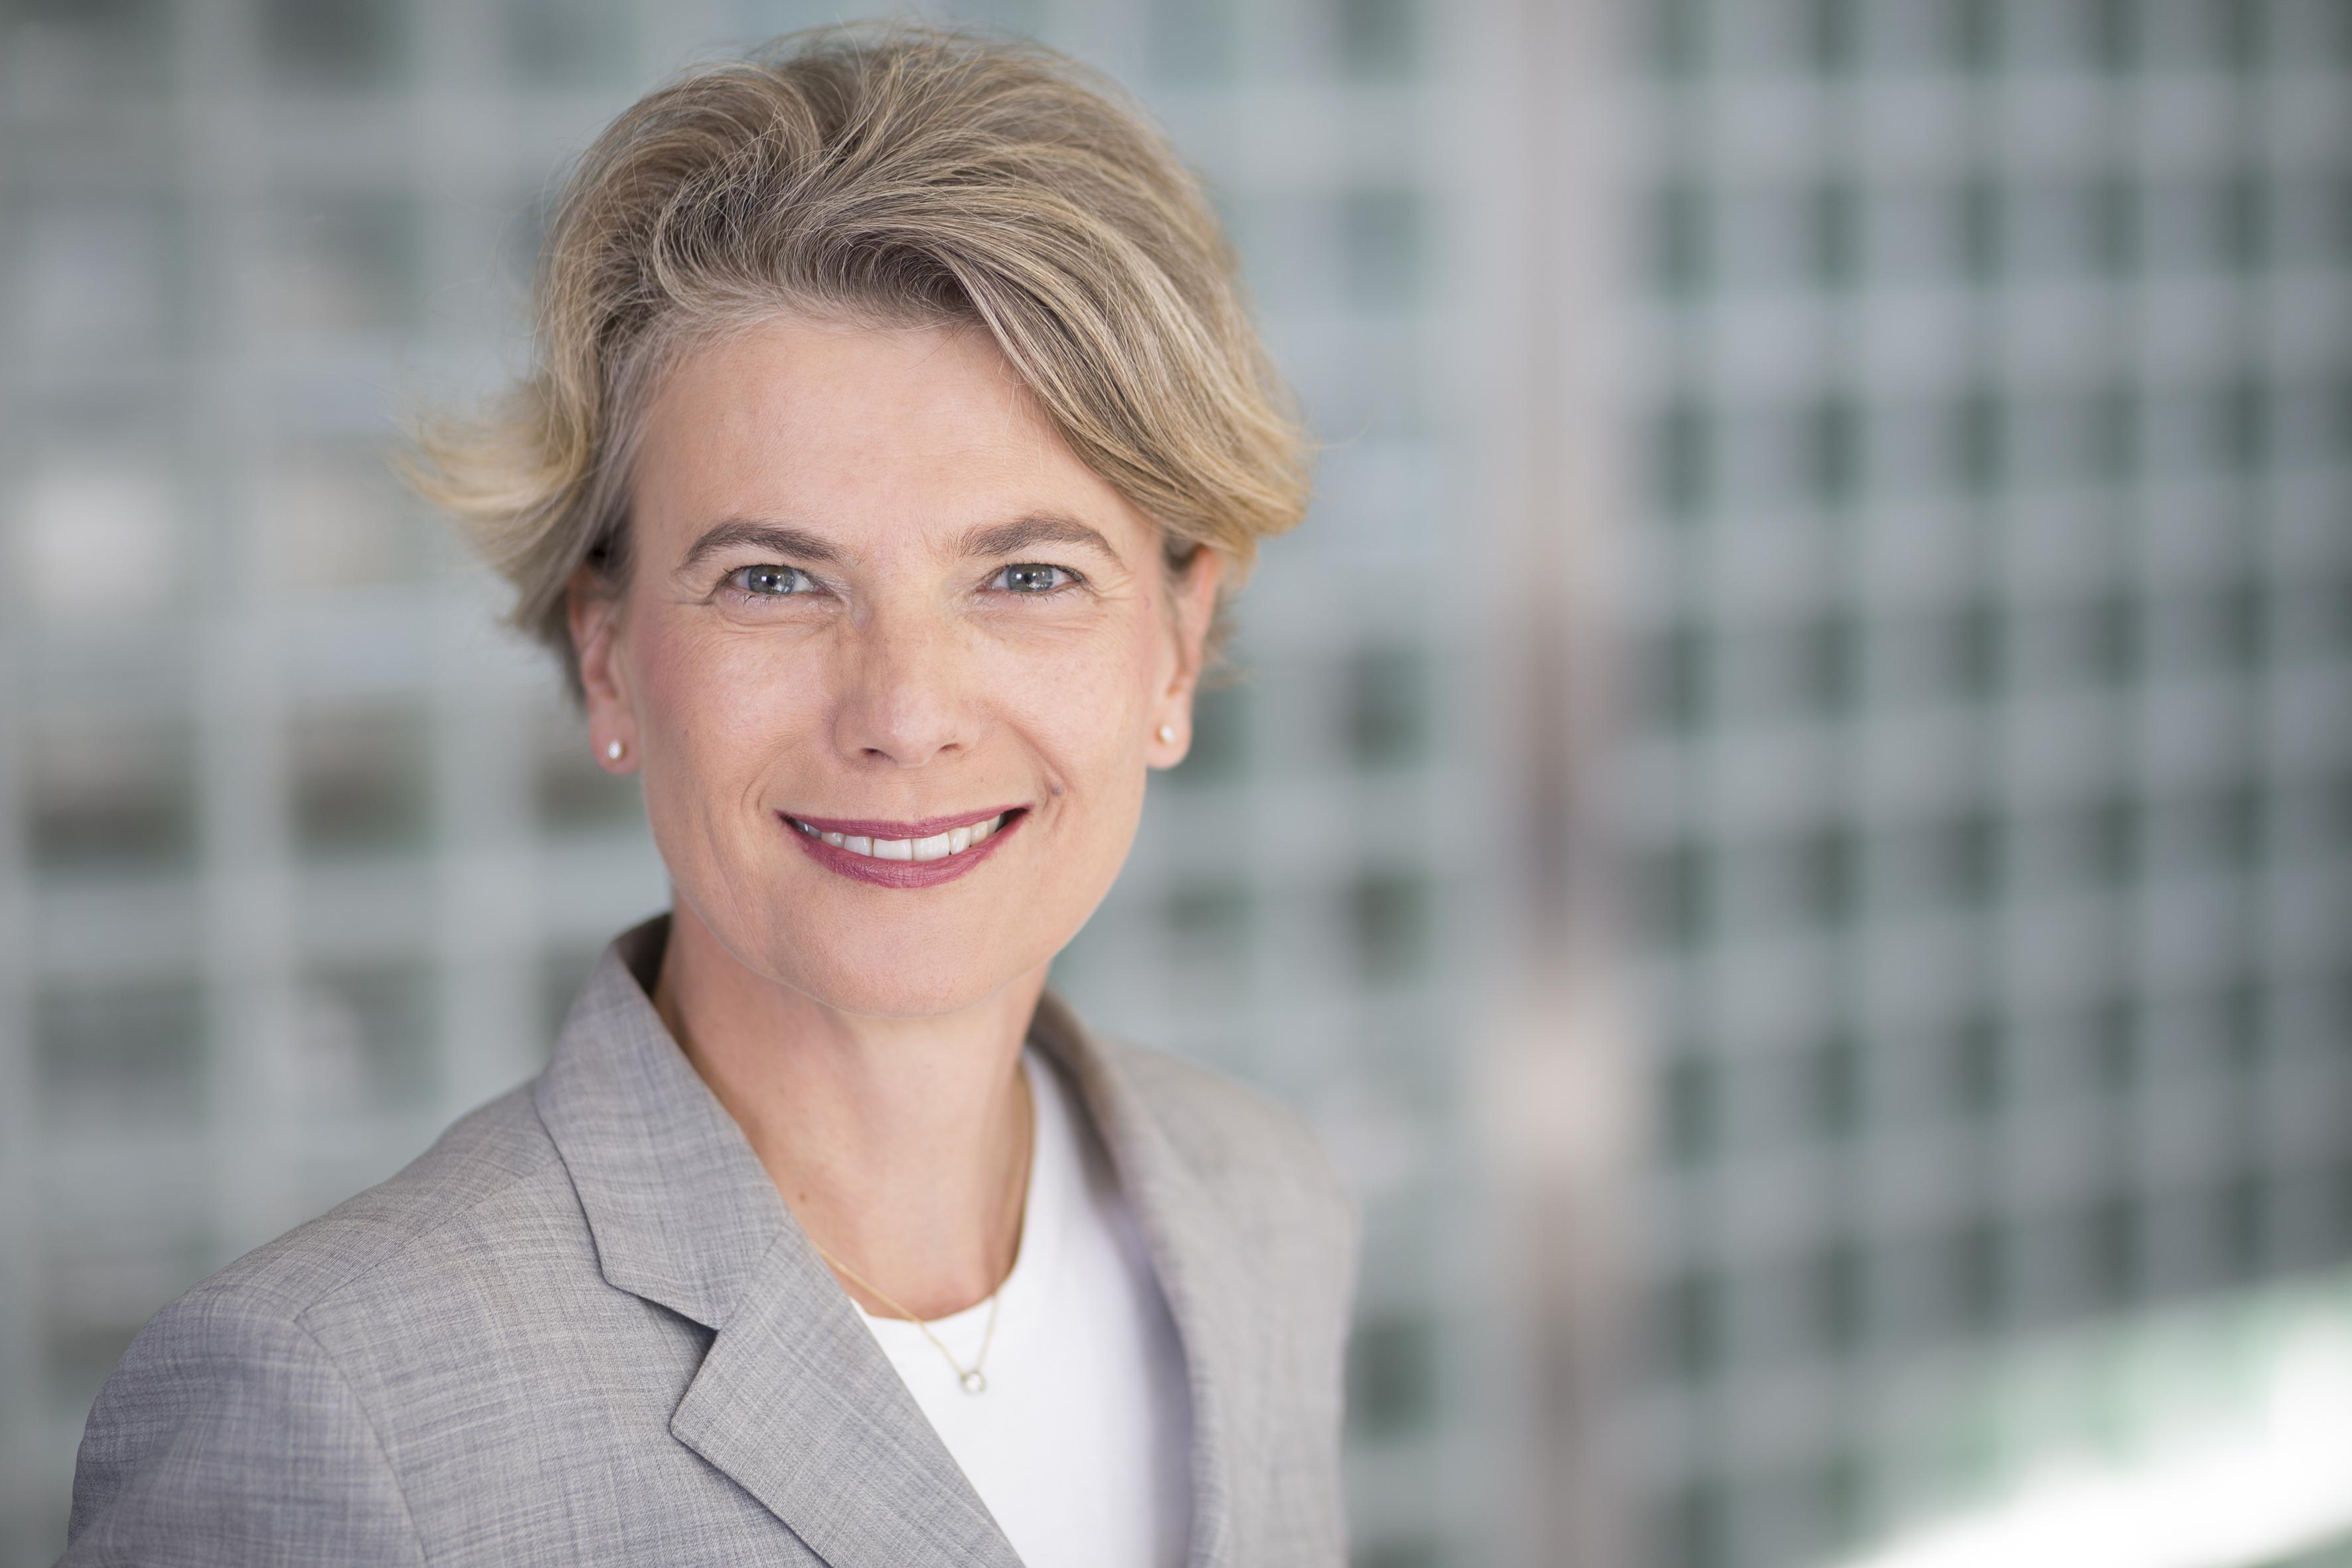 Saskia Drösler, Prof. am Fachbereich Gesundheitswesen der HS Niederrhein und Vizepräsidentin für Planung und Entwicklung. (Foto: Hochschule Niederrhein)